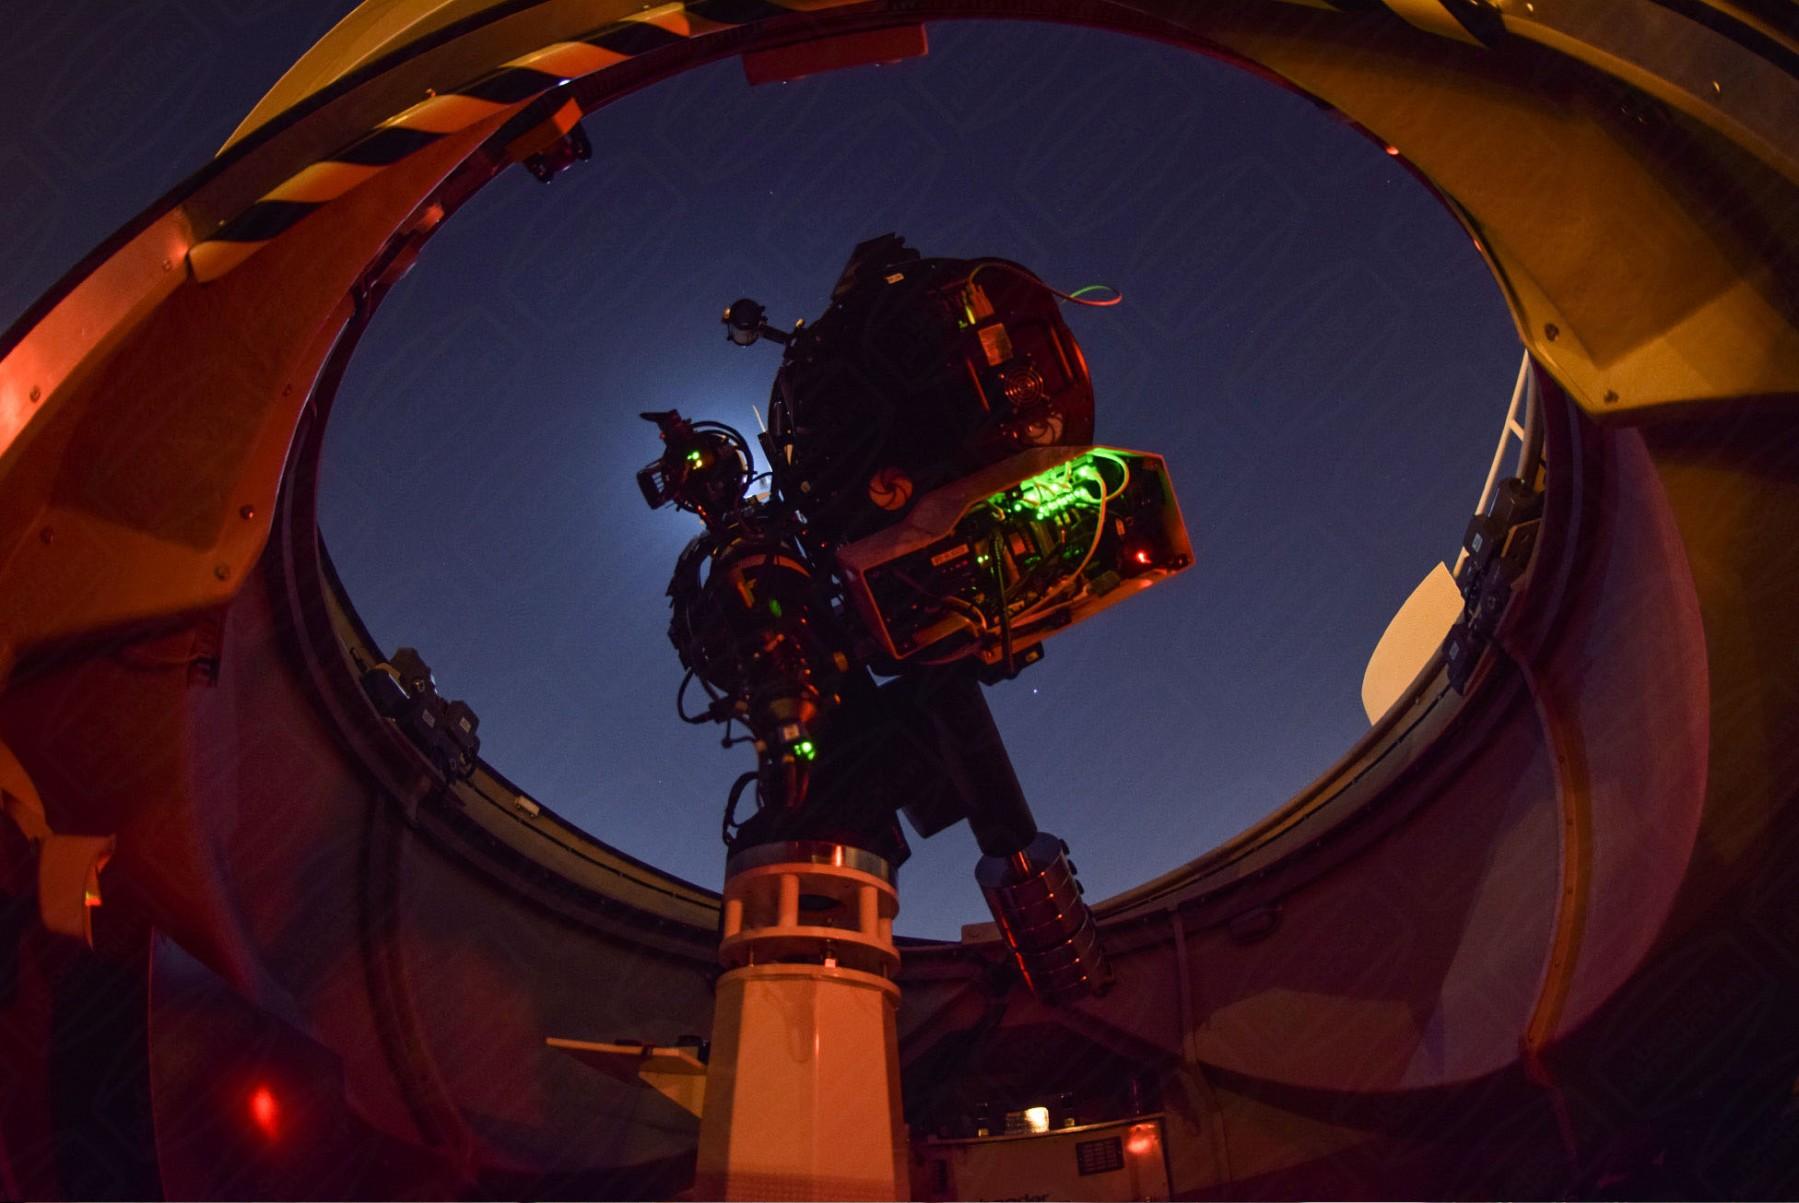 Anwendungsbild: 4.5m Schlüsselfertige Sternwarte (AllSky) in Sharjah, Vereinigte Arabische Emirate